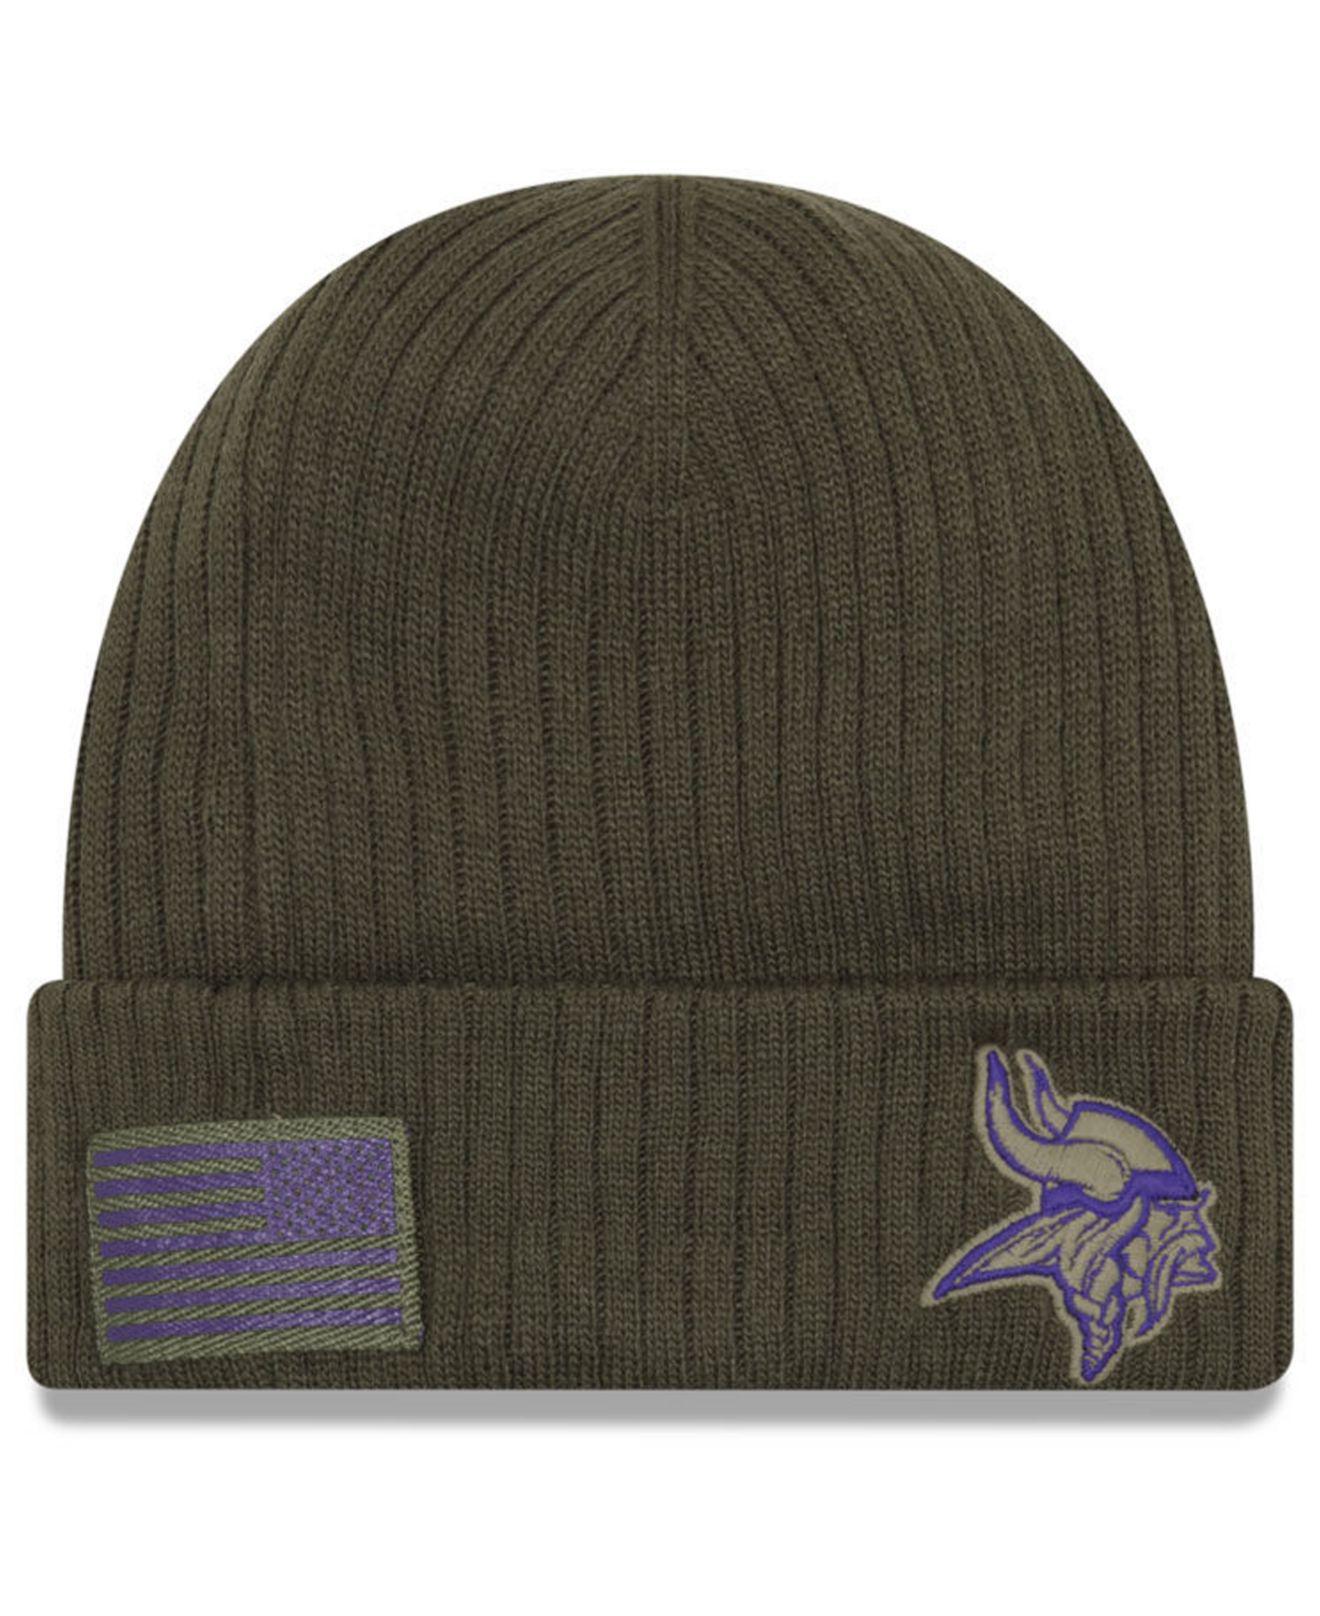 30b75b2e1 Lyst - Ktz Minnesota Vikings Salute To Service Cuff Knit Hat in ...